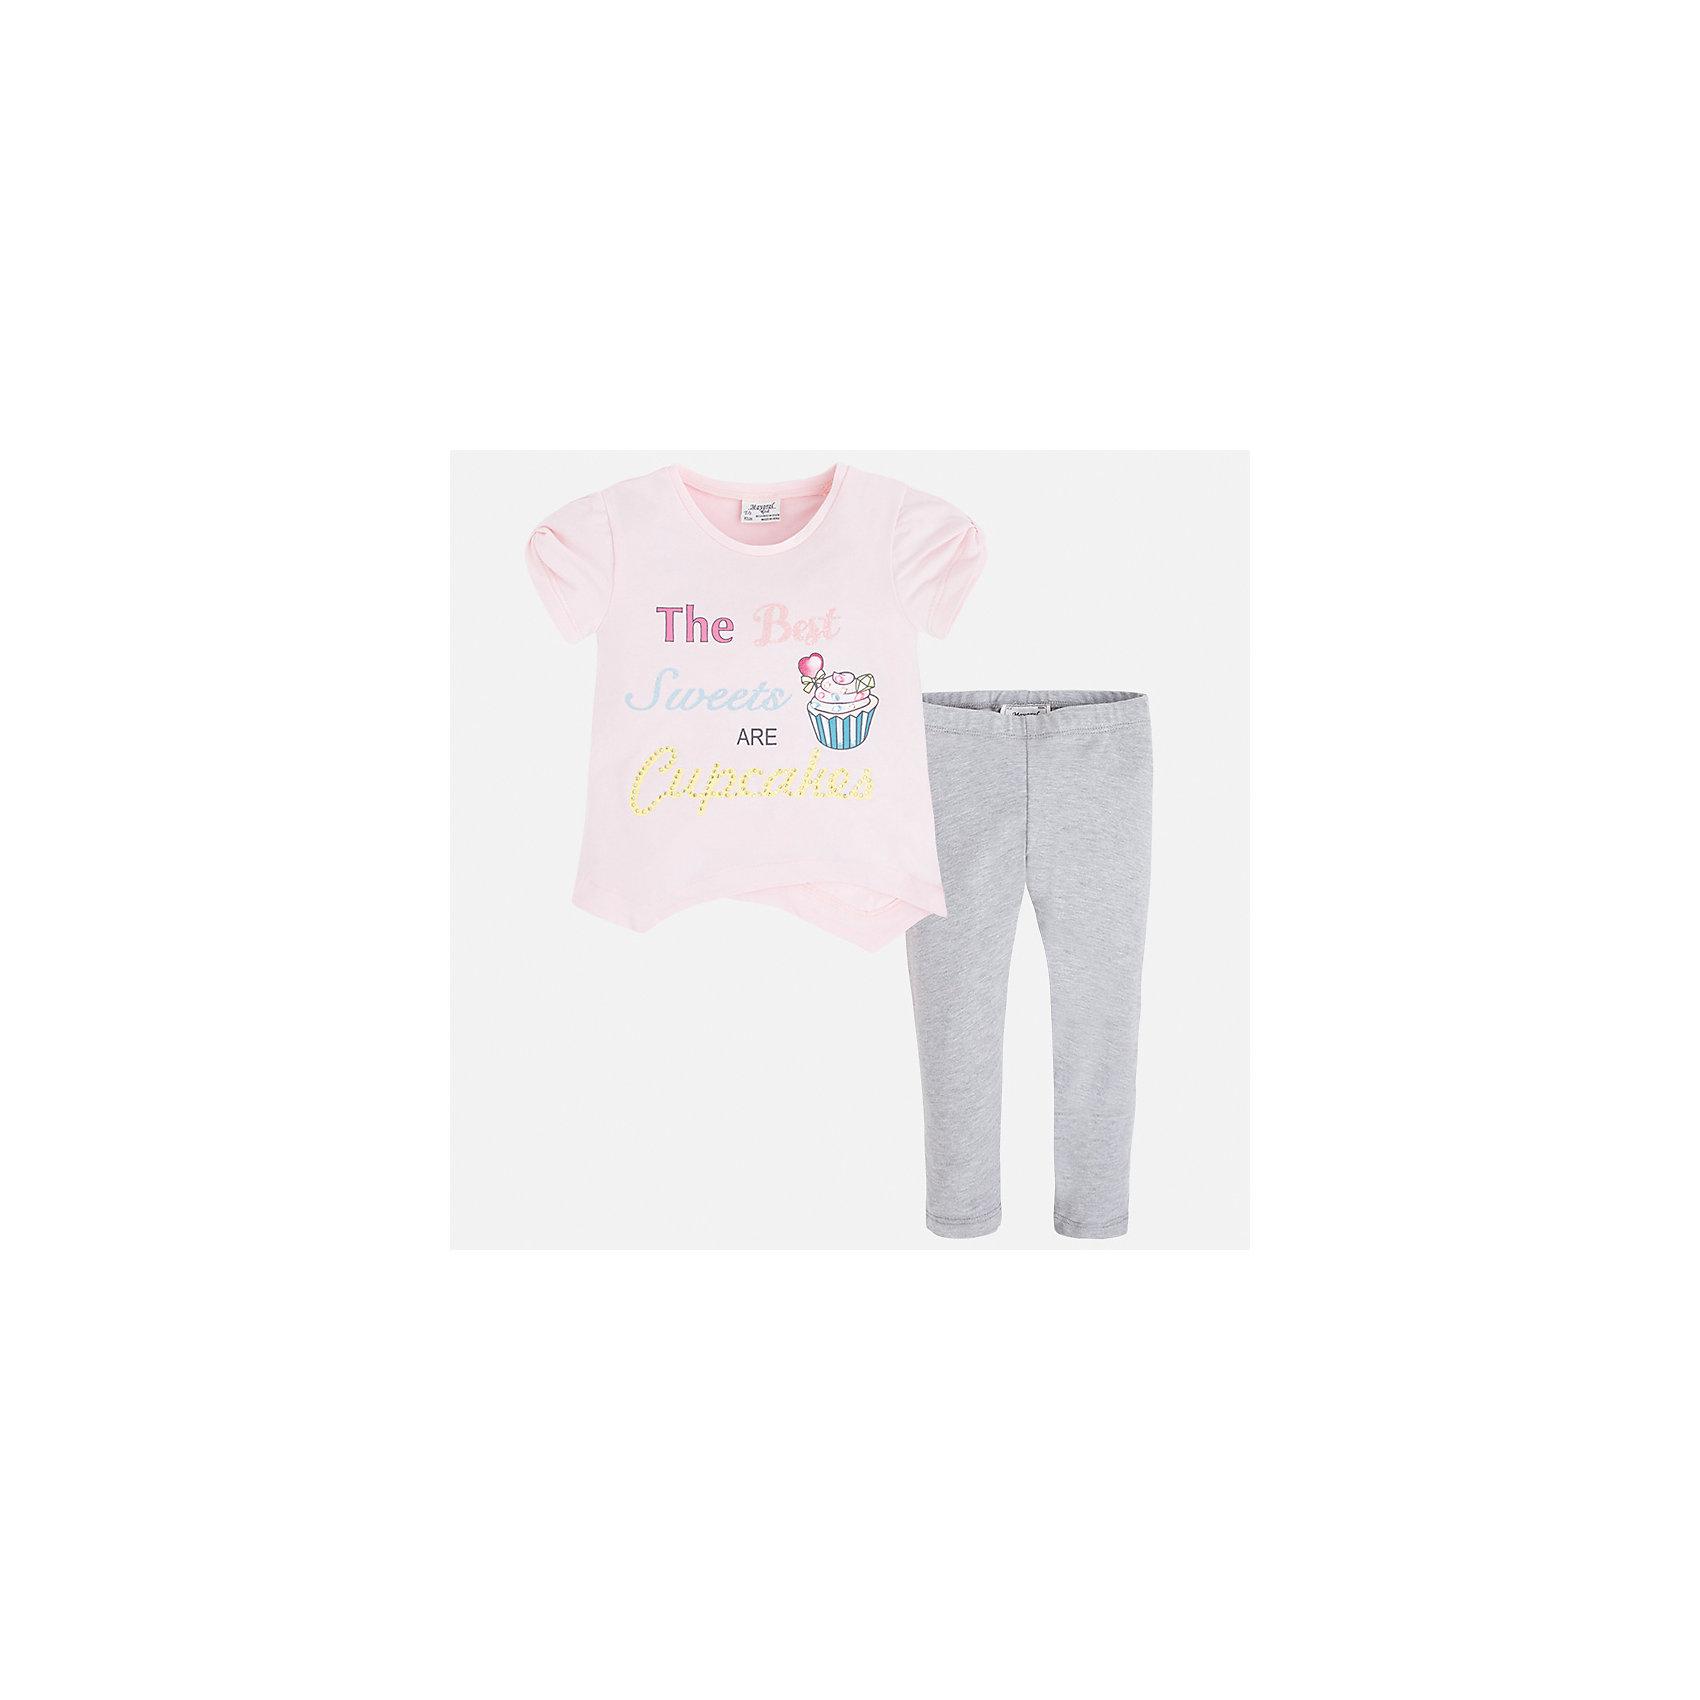 Комплект: футболка и леггинсы для девочки MayoralКомплекты<br>Характеристики товара:<br><br>• цвет: розовый/серый<br>• состав: 57% хлопок, 38% полиэстер, 5% эластан<br>• комплектация: футболка, леггинсы<br>• футболка декорирована принтом<br>• леггинсы однотонные<br>• пояс на резинке<br>• страна бренда: Испания<br><br>Стильный качественный комплект для девочки поможет разнообразить гардероб ребенка и удобно одеться в теплую погоду. Он отлично сочетается с другими предметами. Универсальный цвет позволяет подобрать к вещам верхнюю одежду практически любой расцветки. Интересная отделка модели делает её нарядной и оригинальной. В составе материала - натуральный хлопок, гипоаллергенный, приятный на ощупь, дышащий.<br><br>Одежда, обувь и аксессуары от испанского бренда Mayoral полюбились детям и взрослым по всему миру. Модели этой марки - стильные и удобные. Для их производства используются только безопасные, качественные материалы и фурнитура. Порадуйте ребенка модными и красивыми вещами от Mayoral! <br><br>Комплект для девочки от испанского бренда Mayoral (Майорал) можно купить в нашем интернет-магазине.<br><br>Ширина мм: 123<br>Глубина мм: 10<br>Высота мм: 149<br>Вес г: 209<br>Цвет: серый<br>Возраст от месяцев: 96<br>Возраст до месяцев: 108<br>Пол: Женский<br>Возраст: Детский<br>Размер: 134,92,98,104,110,116,122,128<br>SKU: 5290825